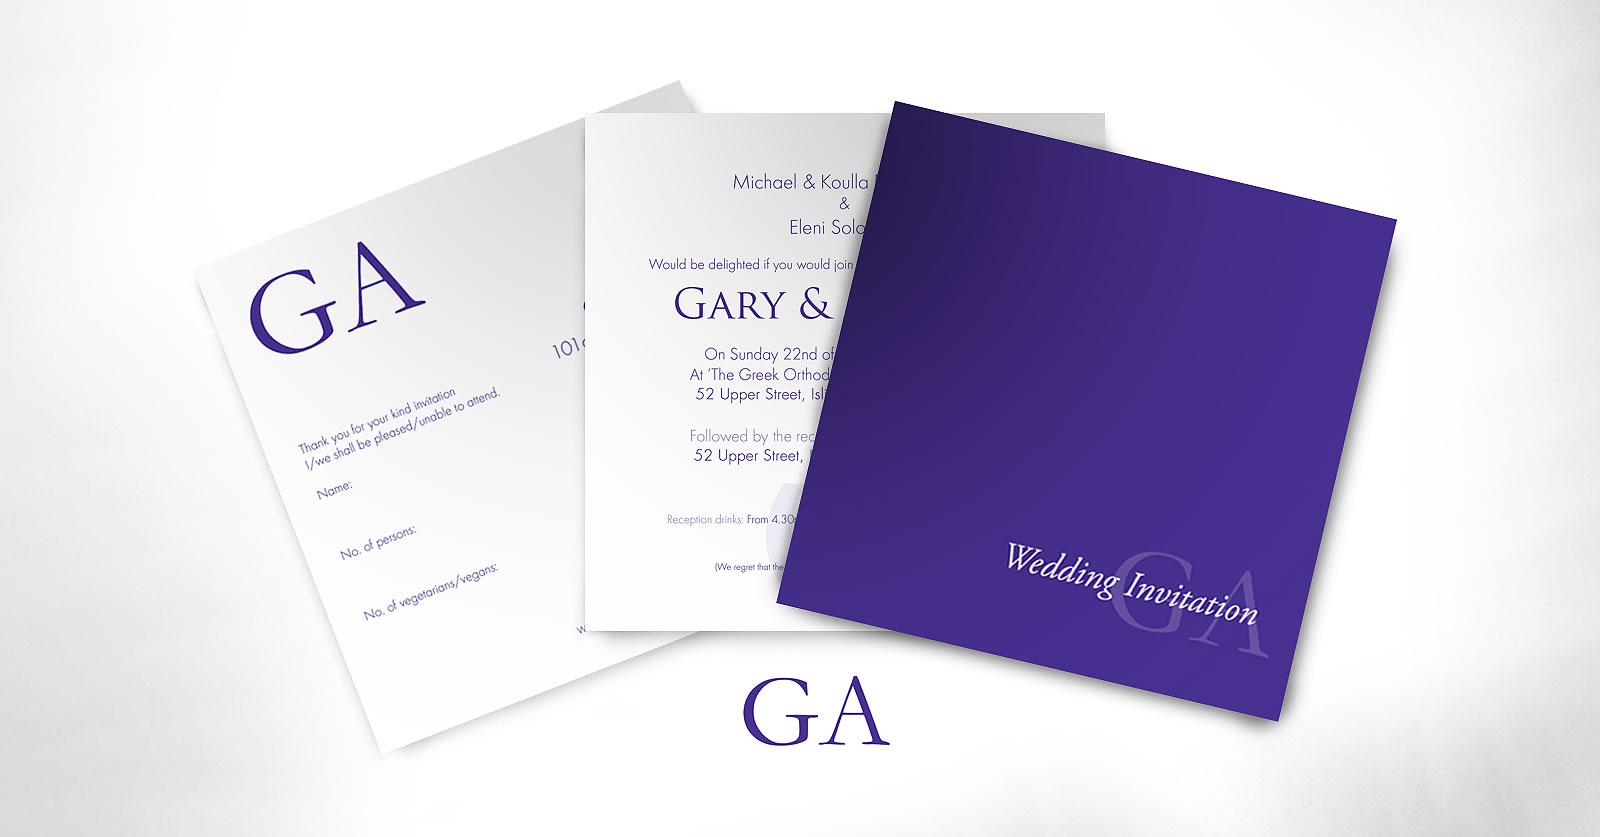 Gary & Andrea invite